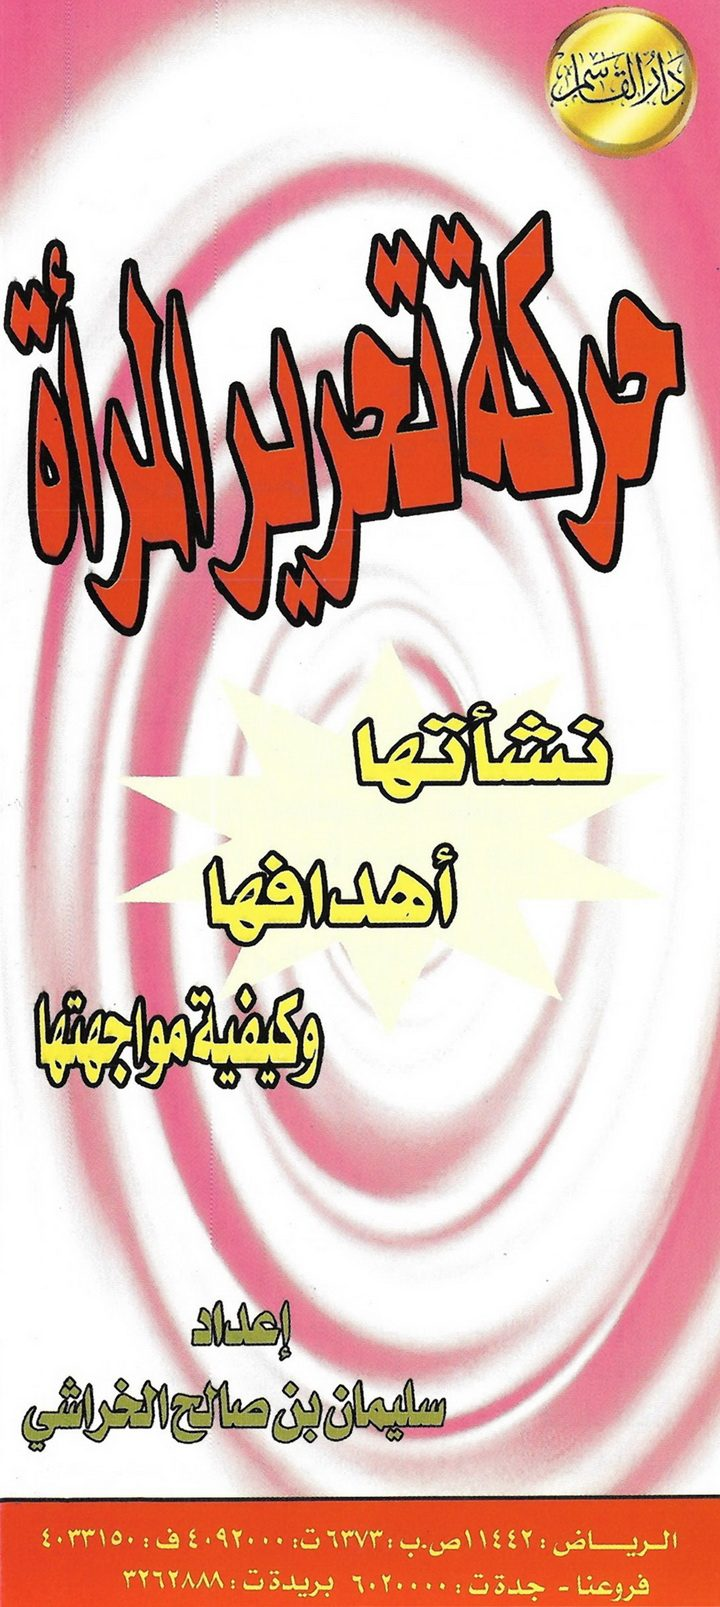 حركة تحرير المرأة (سليمان بن صالح الخراشي – دار القاسم)